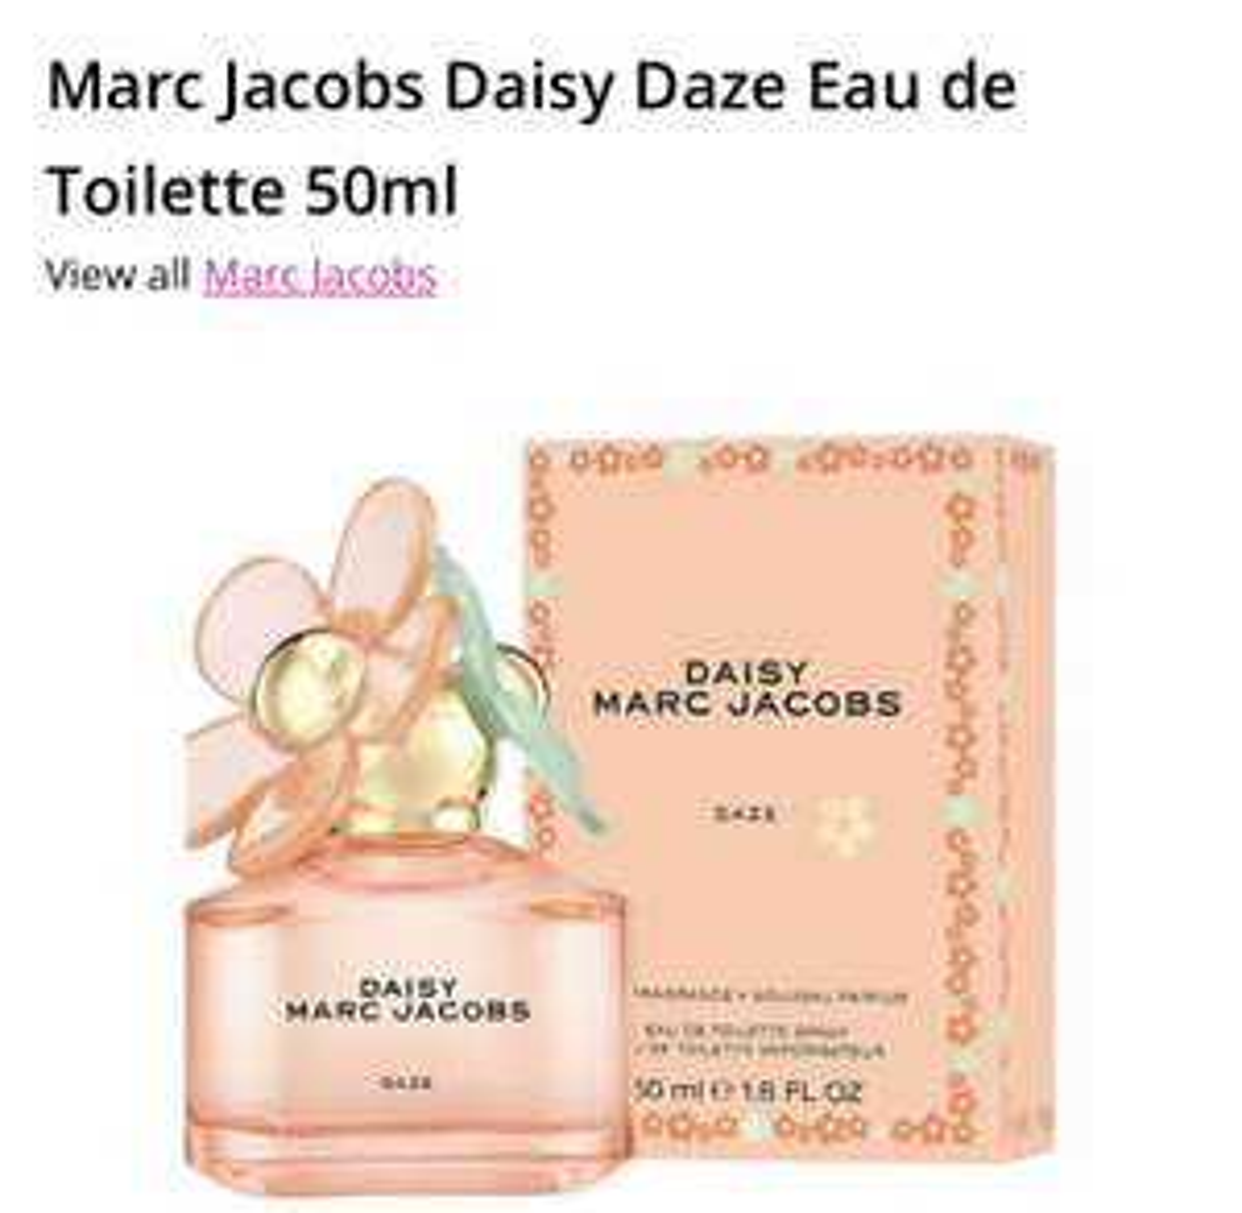 Marc Jacobs Daisy Daze Eau de Toilette 50ml £30 at Superdrug